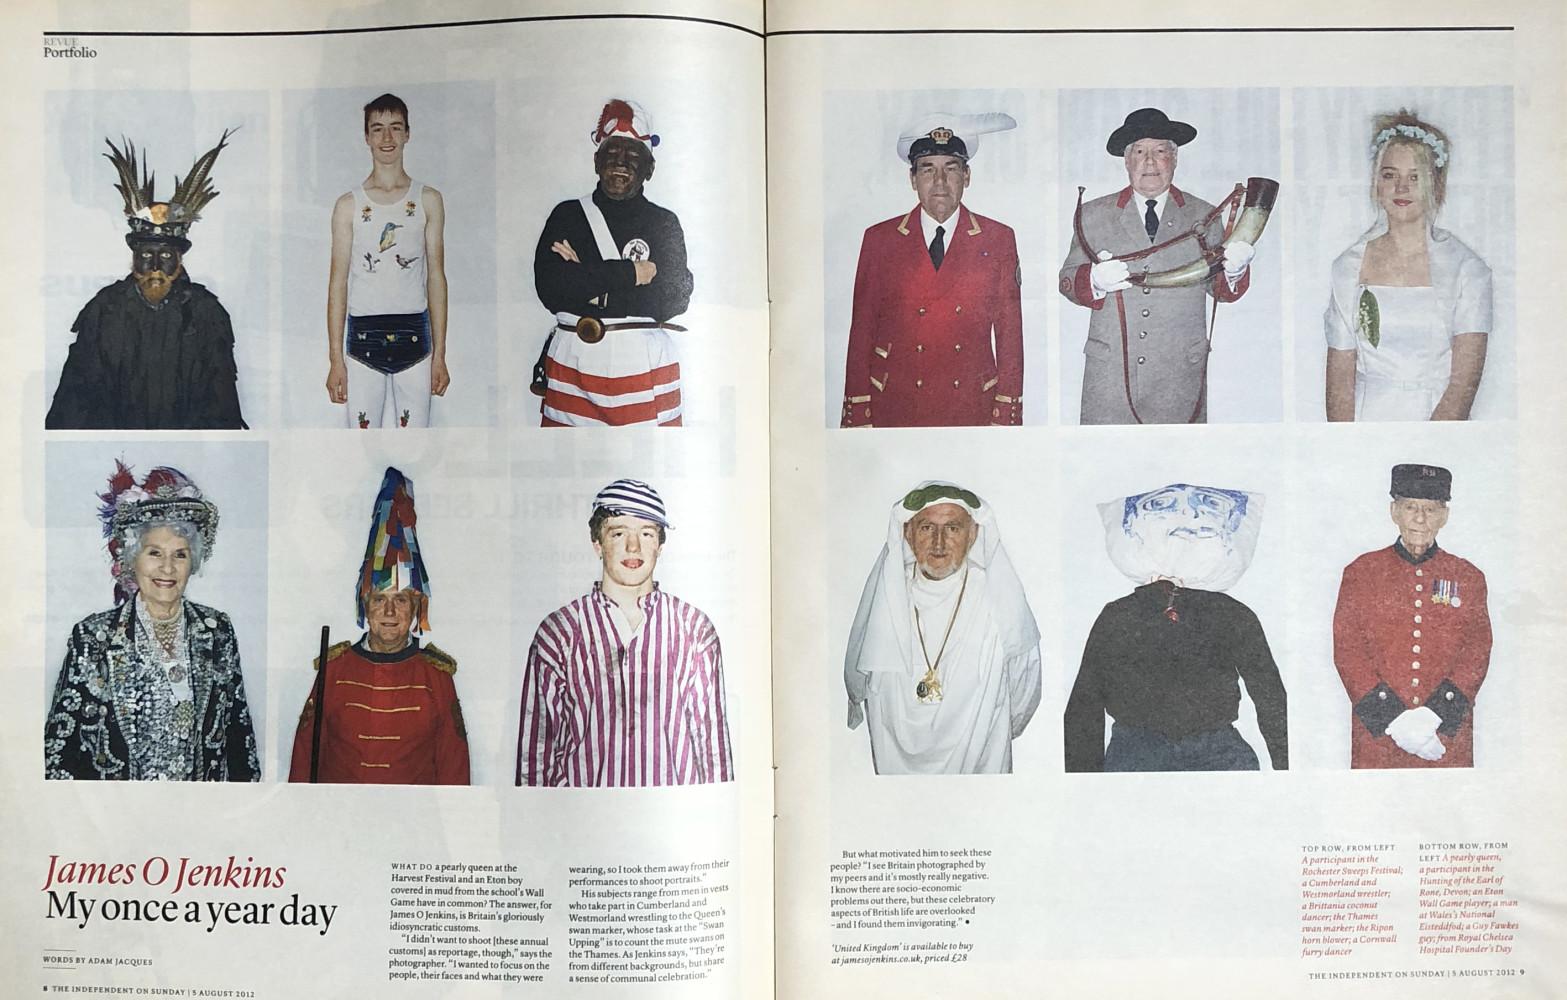 James O Jenkins Work Cuttings 21 Independent on Sunday Magazine